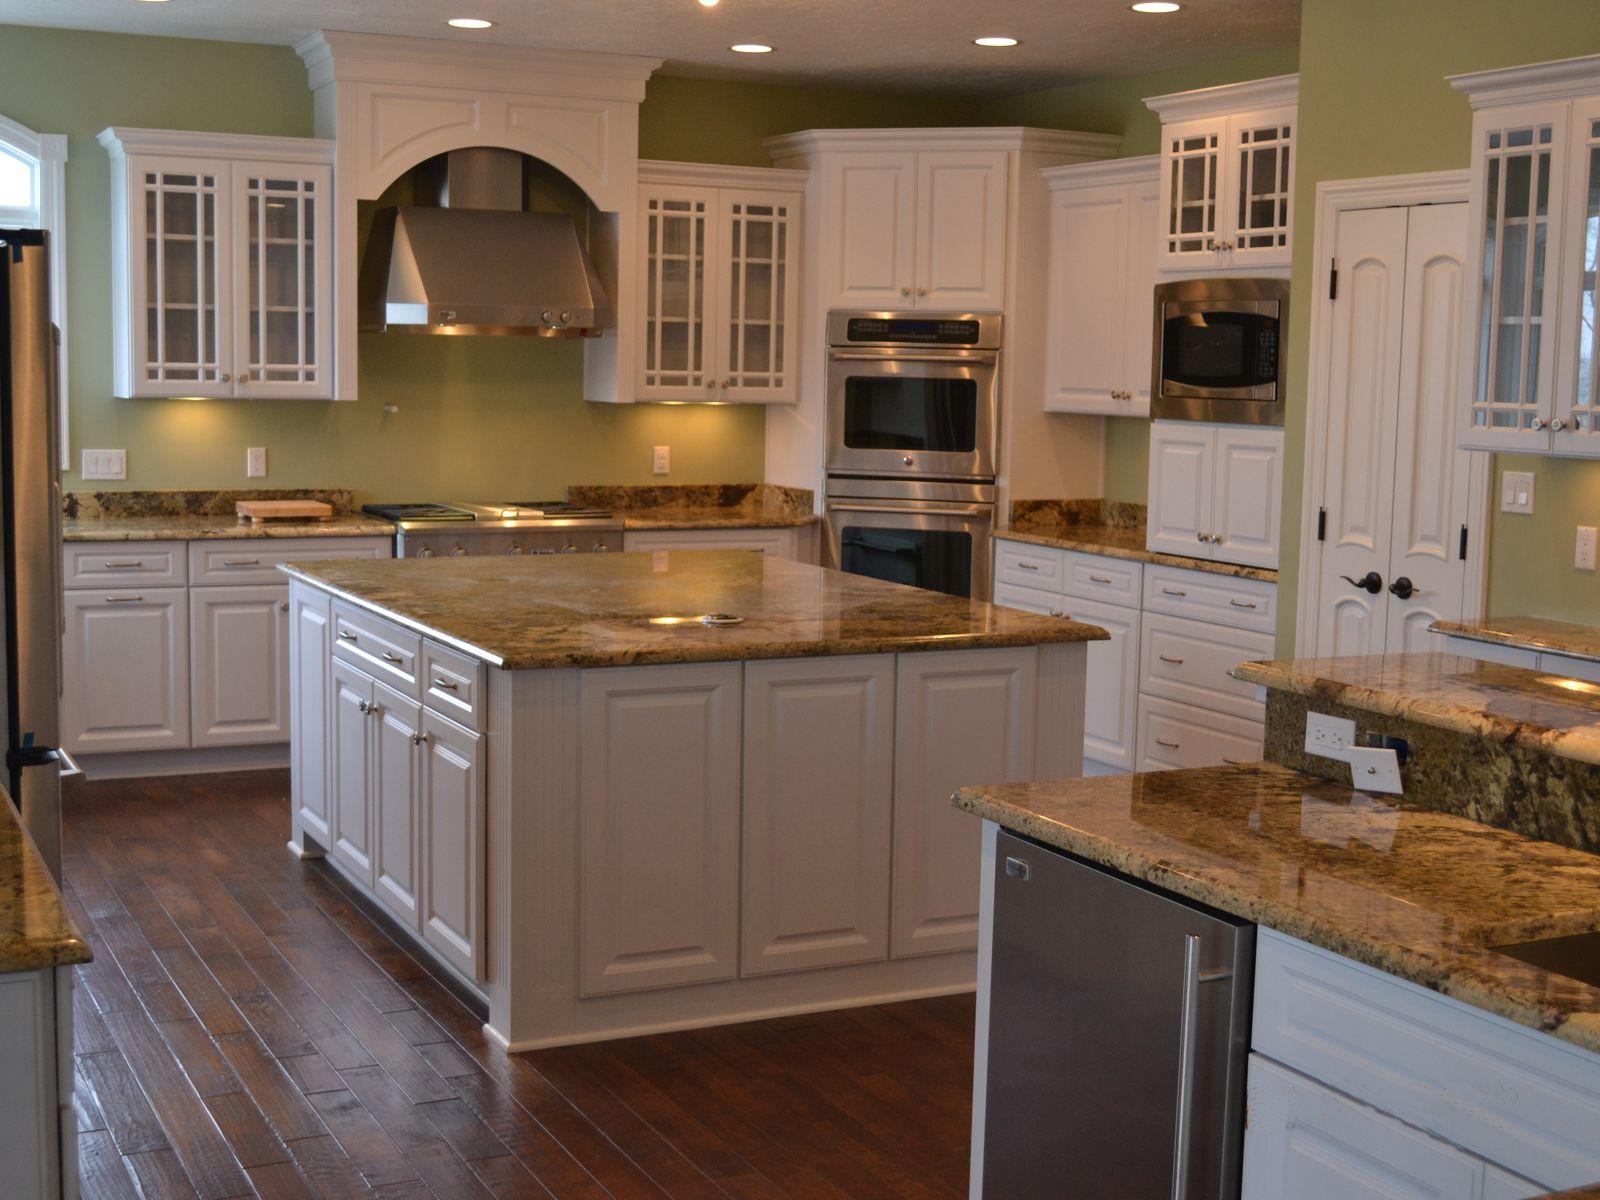 Manor House Kitchens Inc image 5